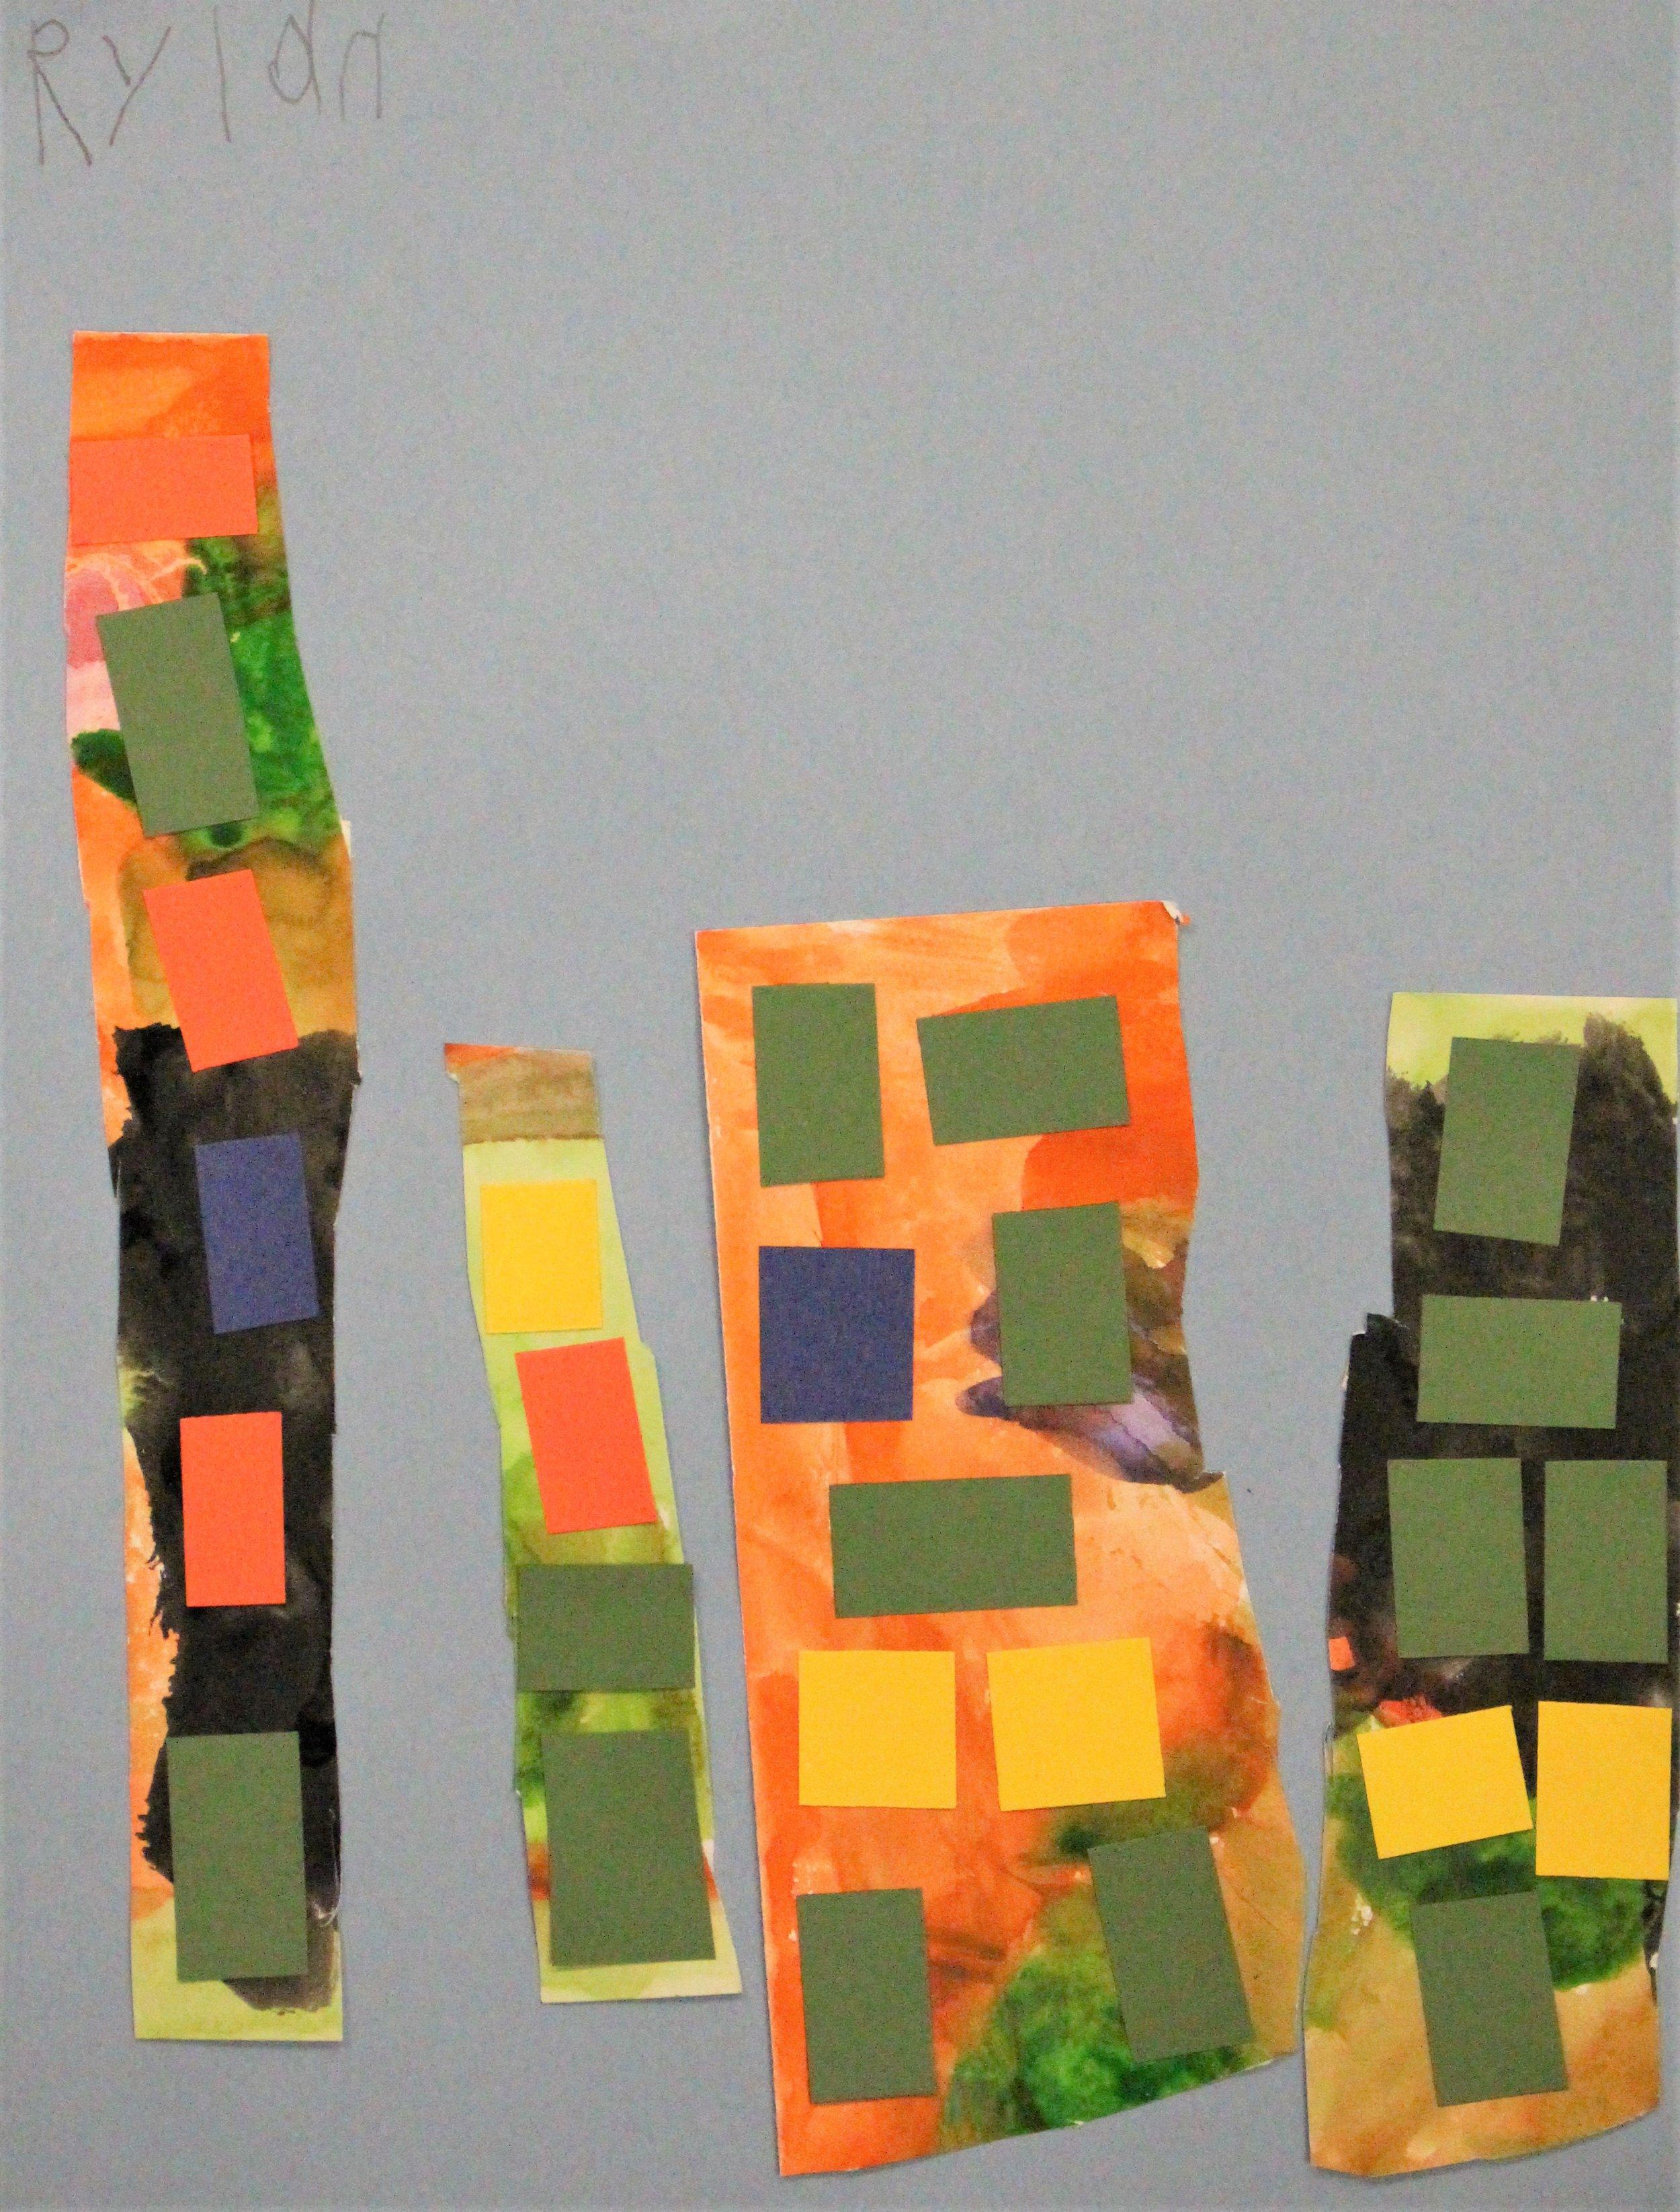 Kindergarten: Rylan S. - Artwork: Painted Paper City(Work in Progress)